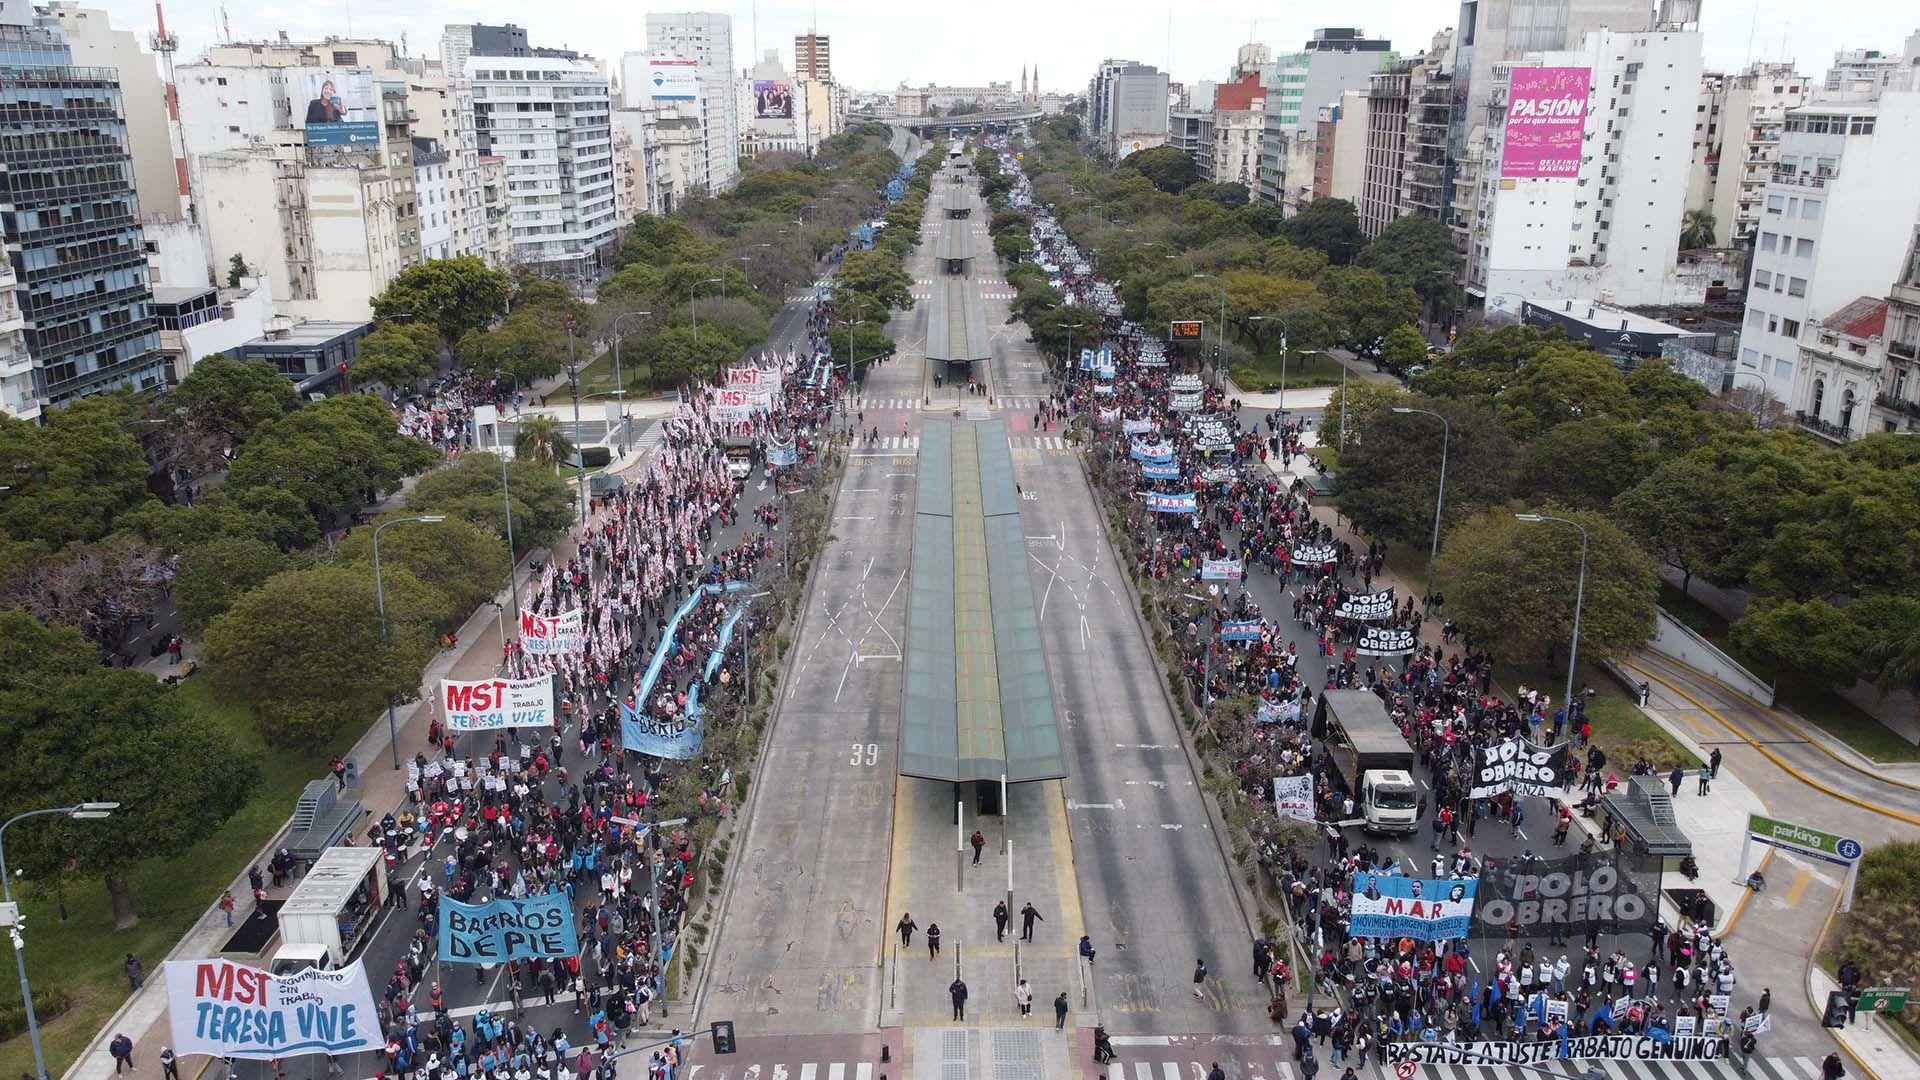 Marcha Polo obrero - ministerio de desarrollo